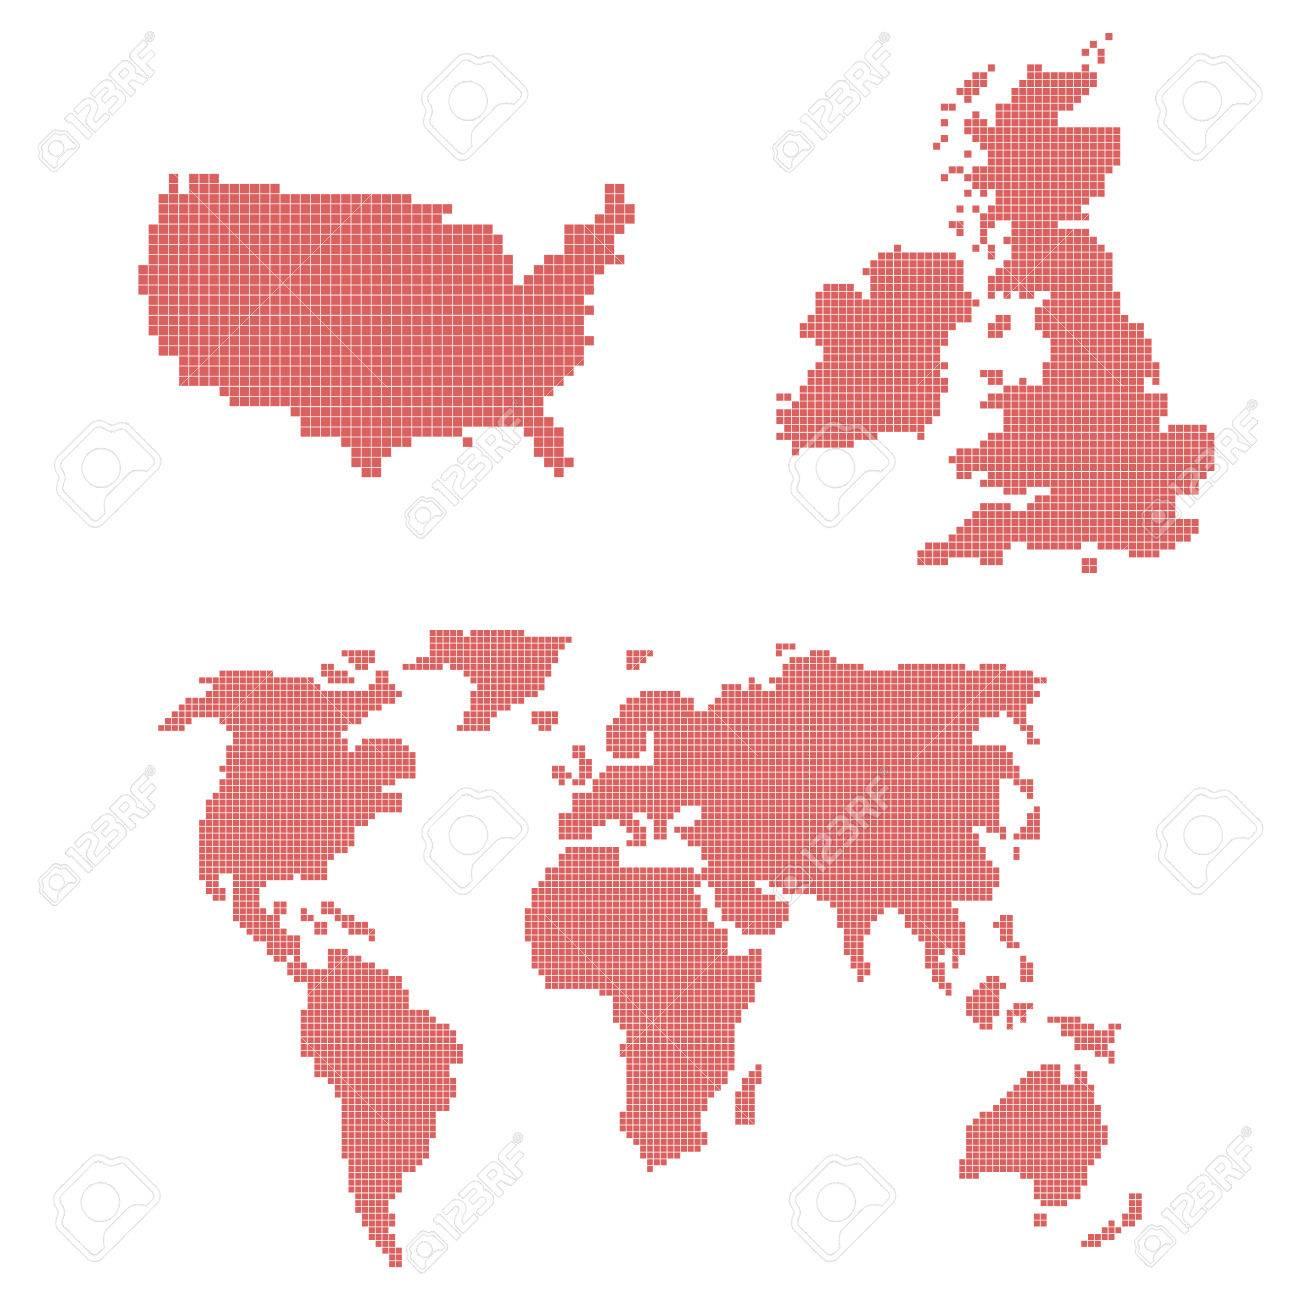 Un Ensemble De Vecteurs Dicônes De Pixel Art Avec Une Carte Du Monde Etats Unis Et Royaume Uni Formes